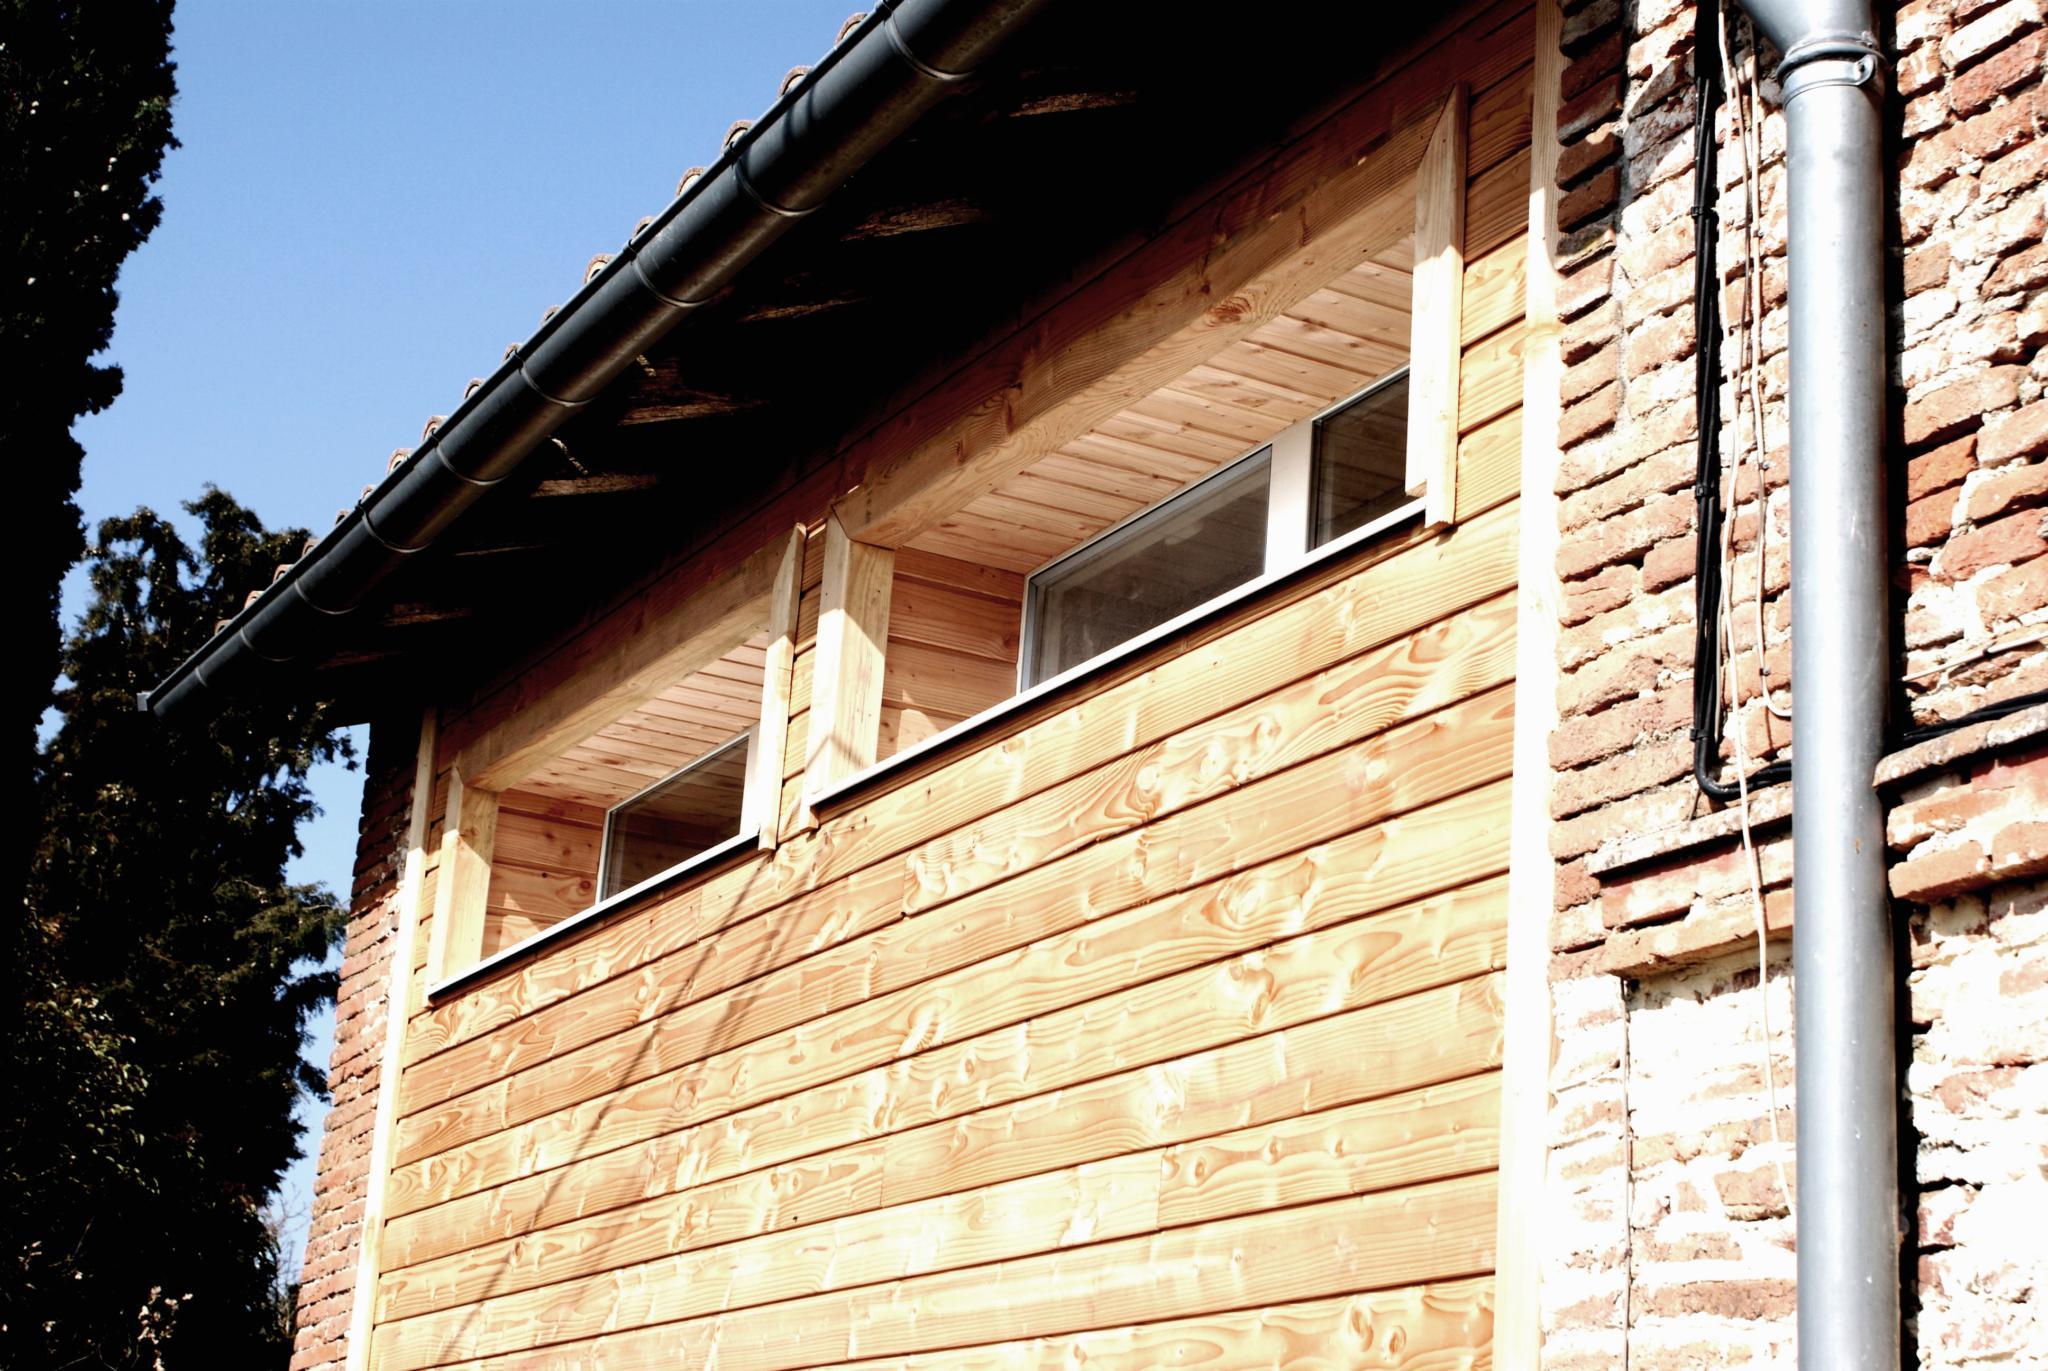 Installer une vmc dans une maison ancienne schma de for Vmc dans maison ancienne